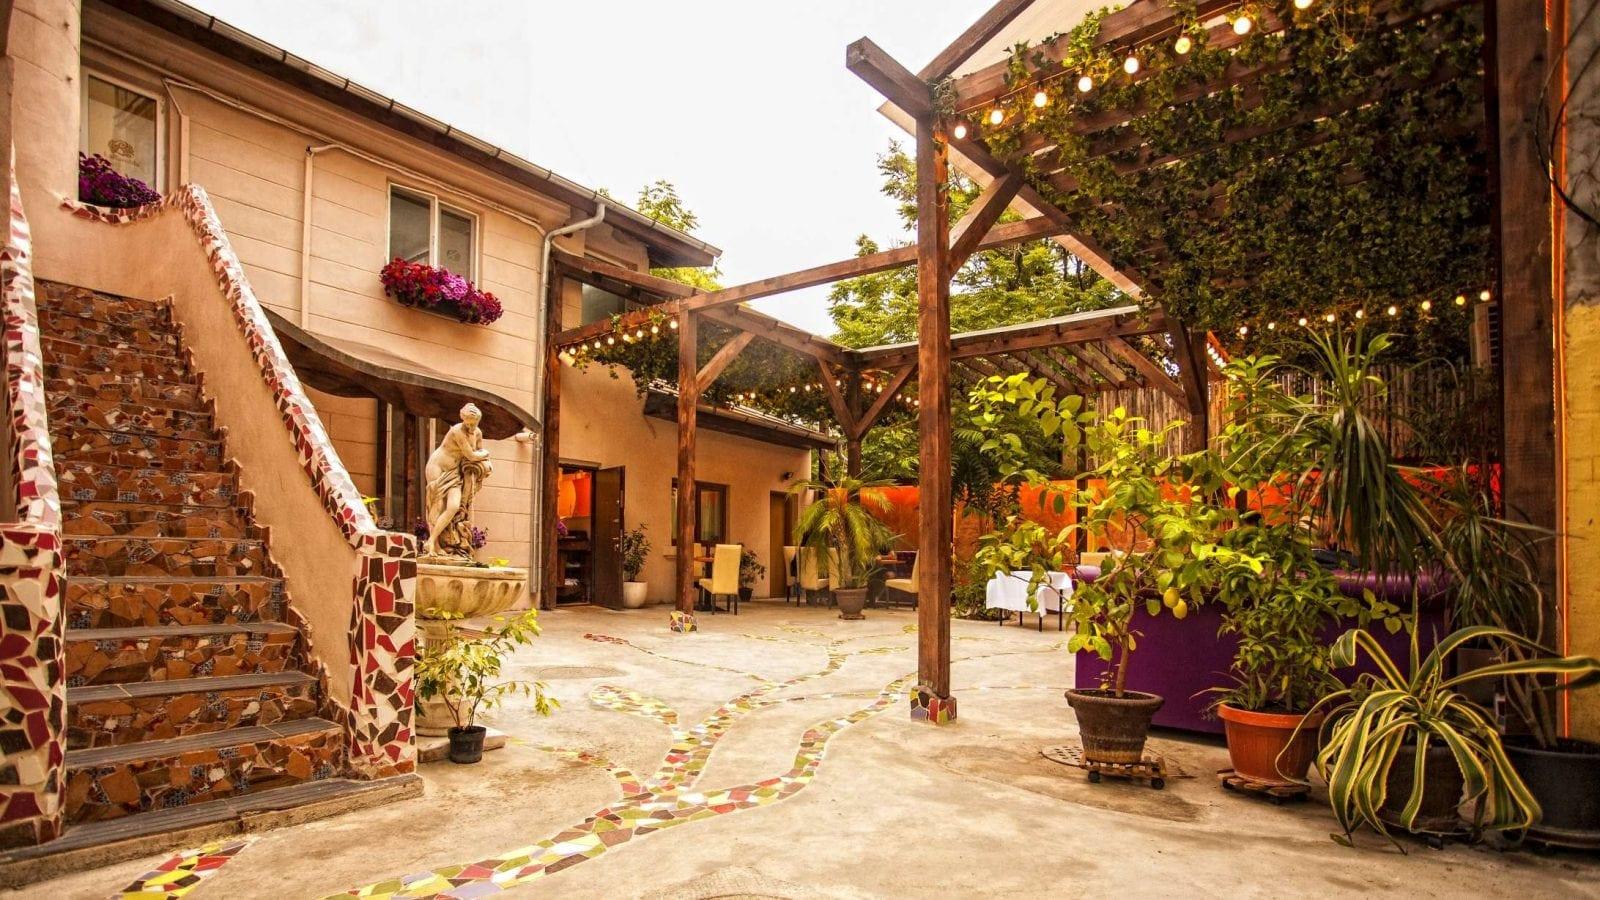 gradina - Delicii culinare la Grădina de vară La Rambla